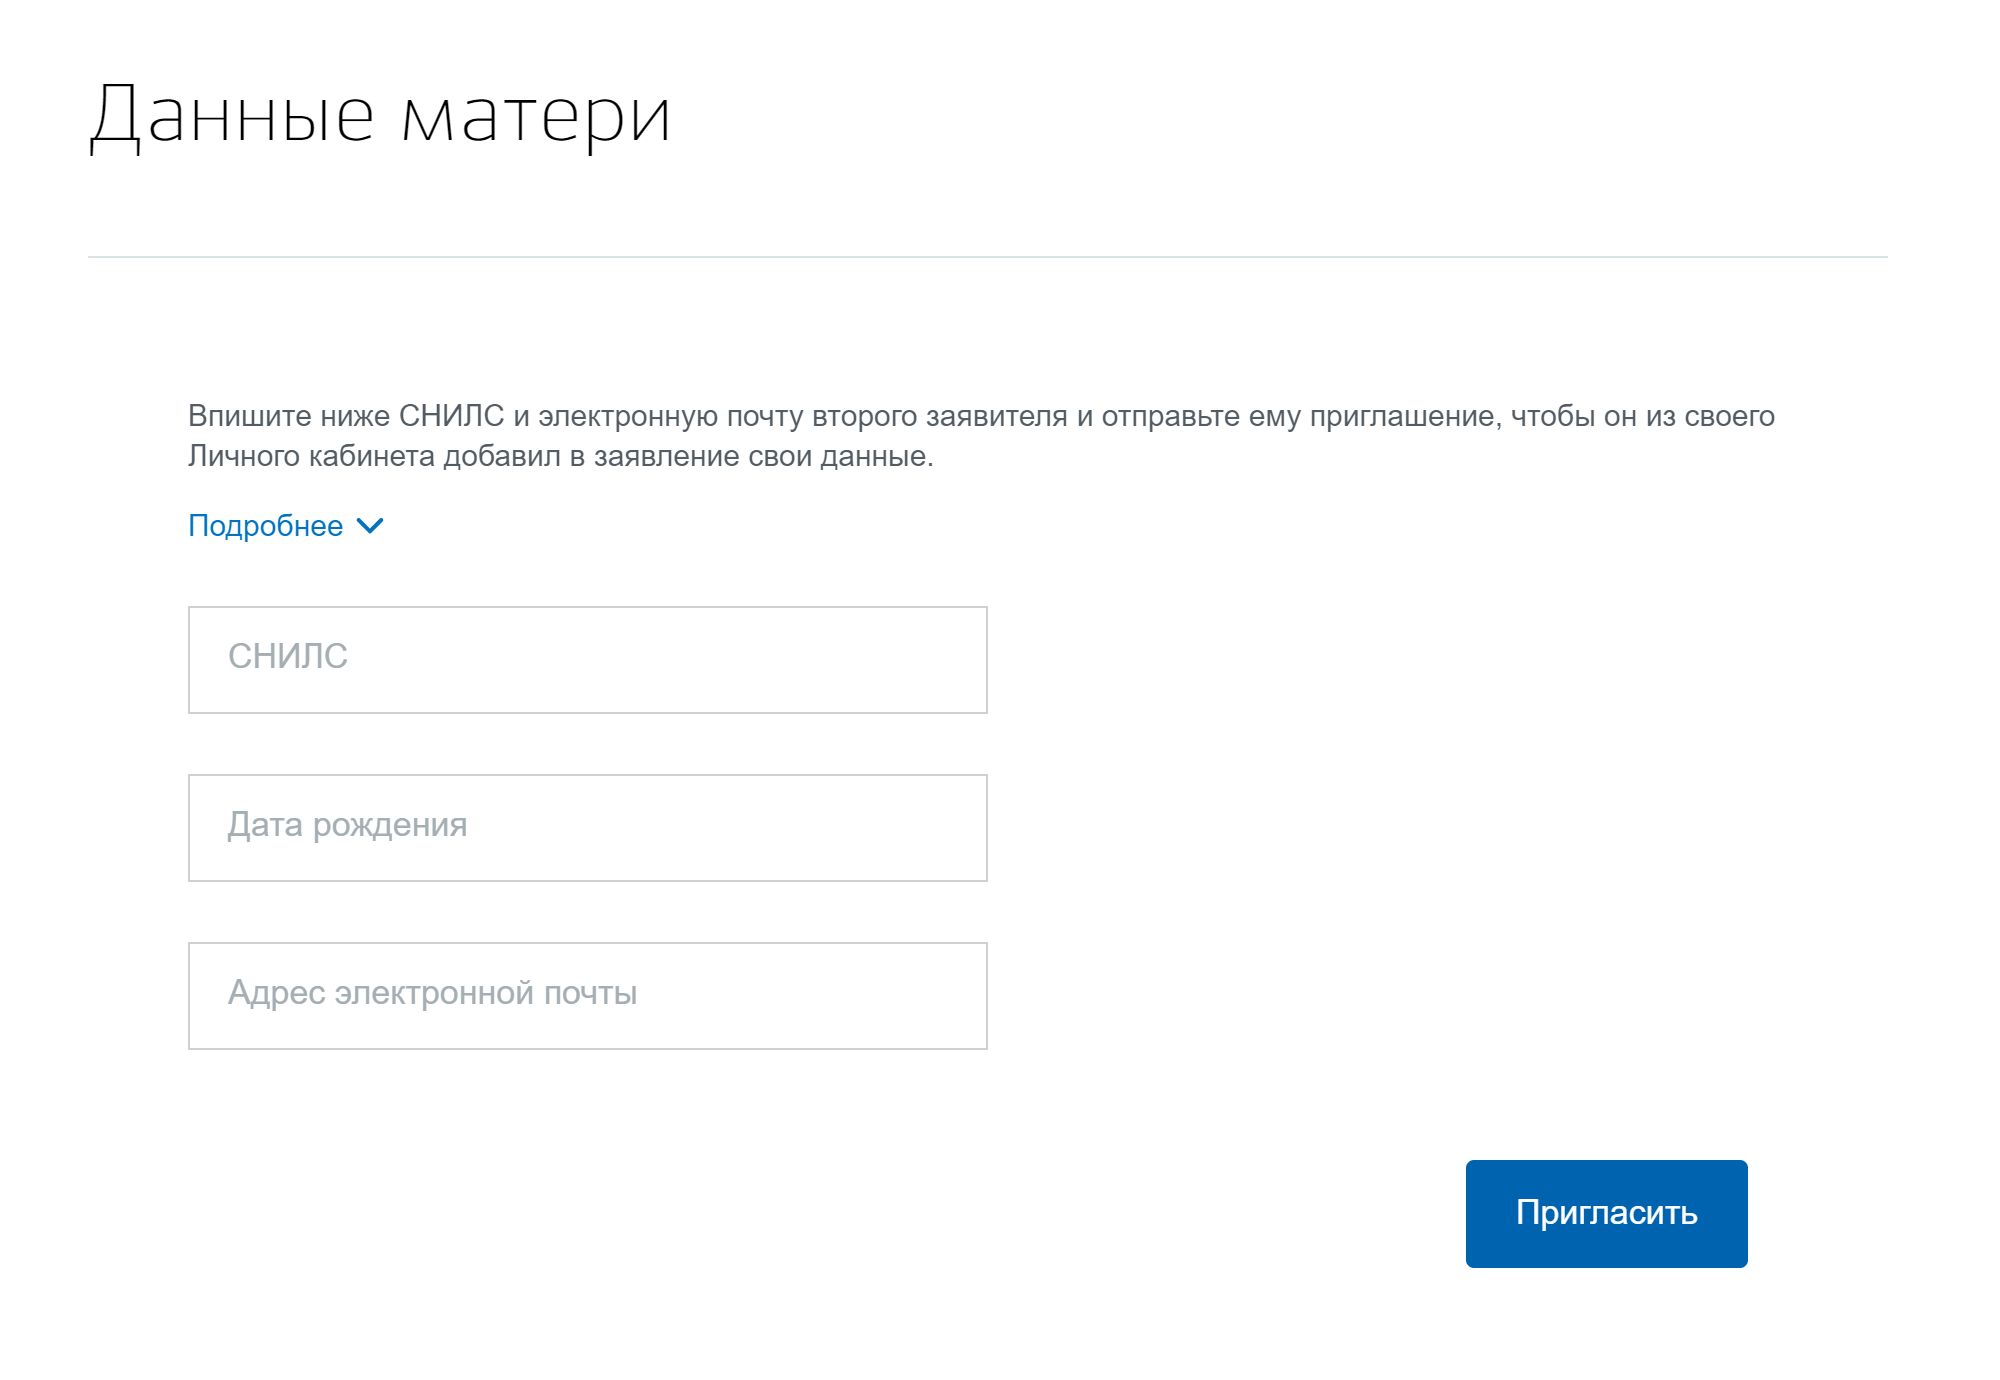 Приглашение нужно выслать на электронную почту, к которой привязан профиль на госуслугах